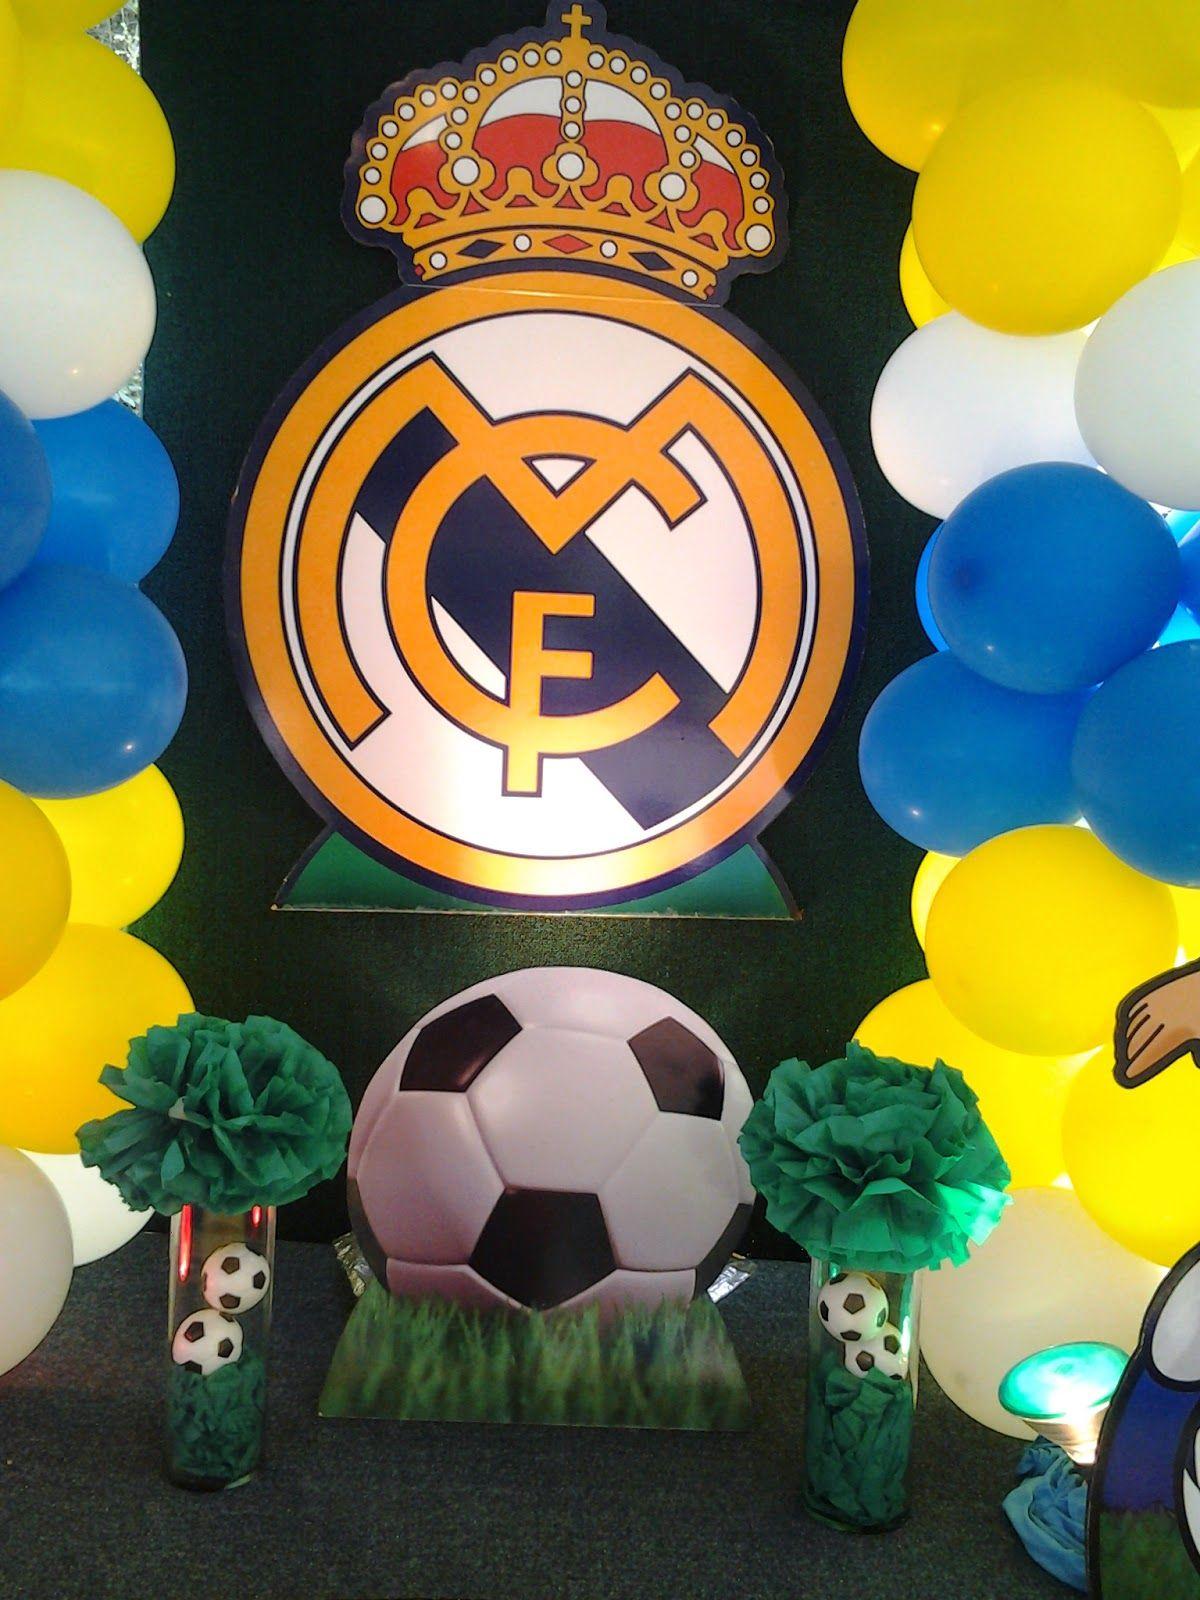 El Real Madrid Club De Futbol Mejor Conocido Como Real Madrid Fue